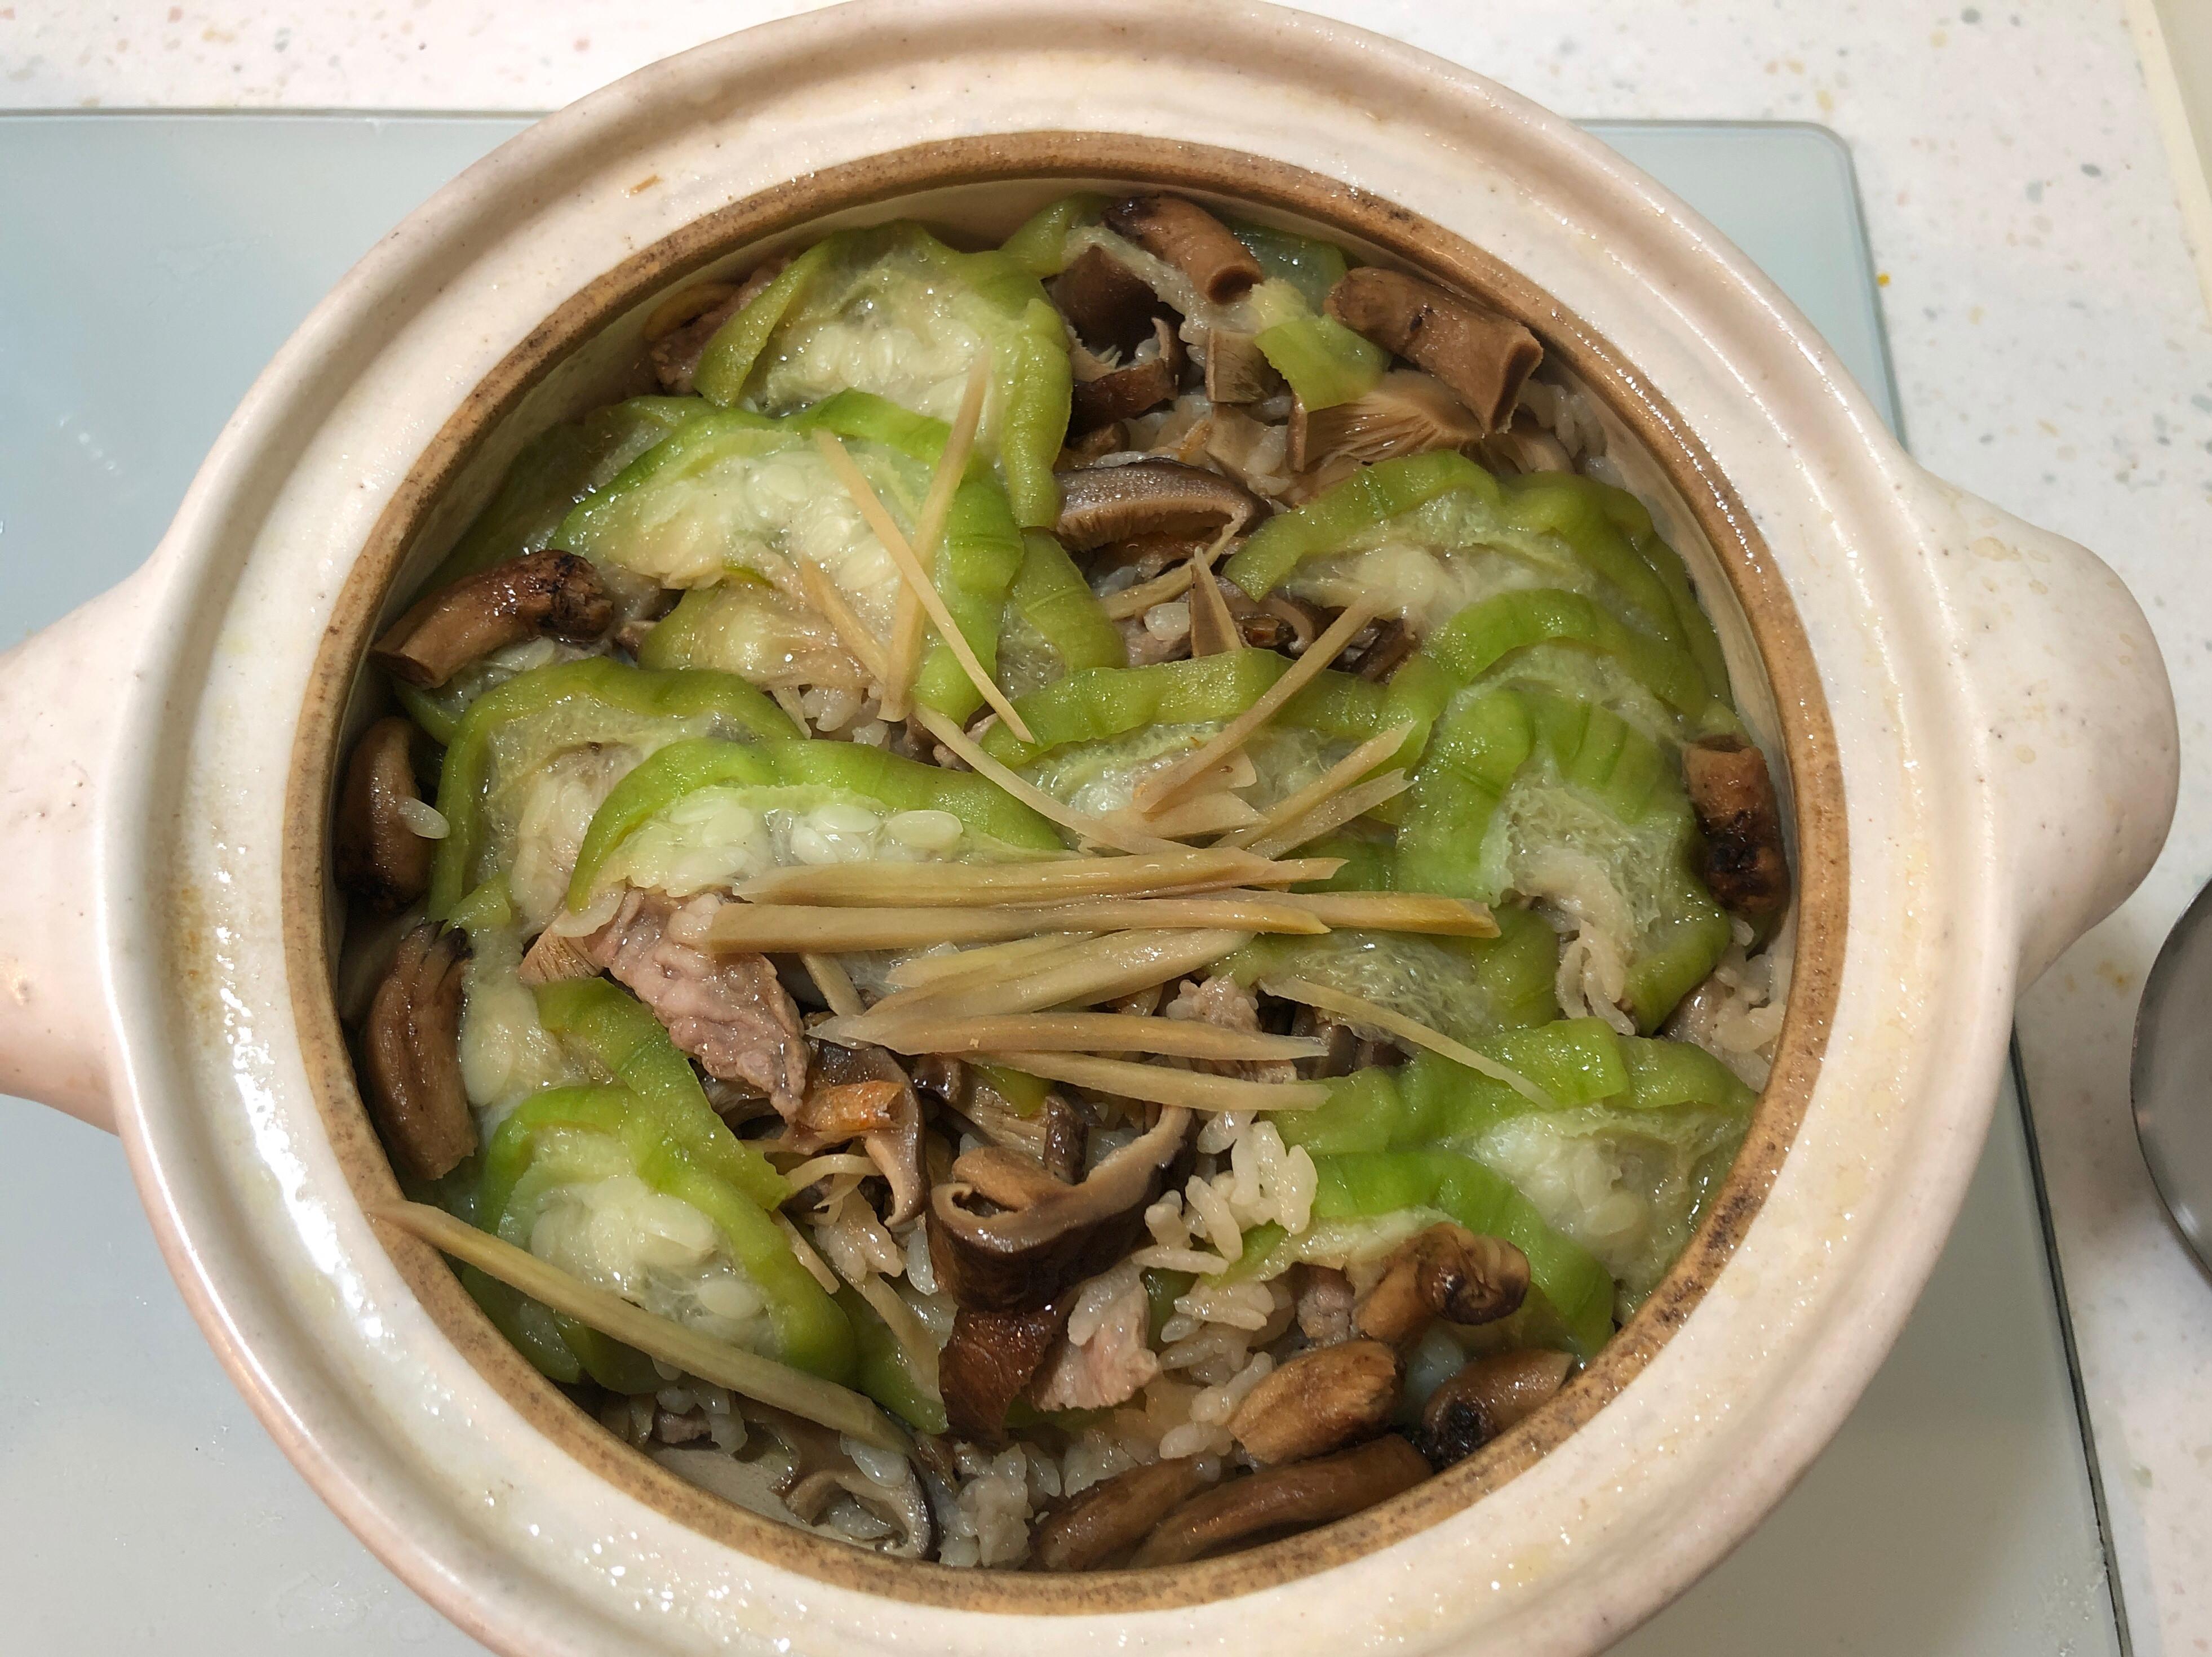 夏日清爽絲瓜土鍋炊飯